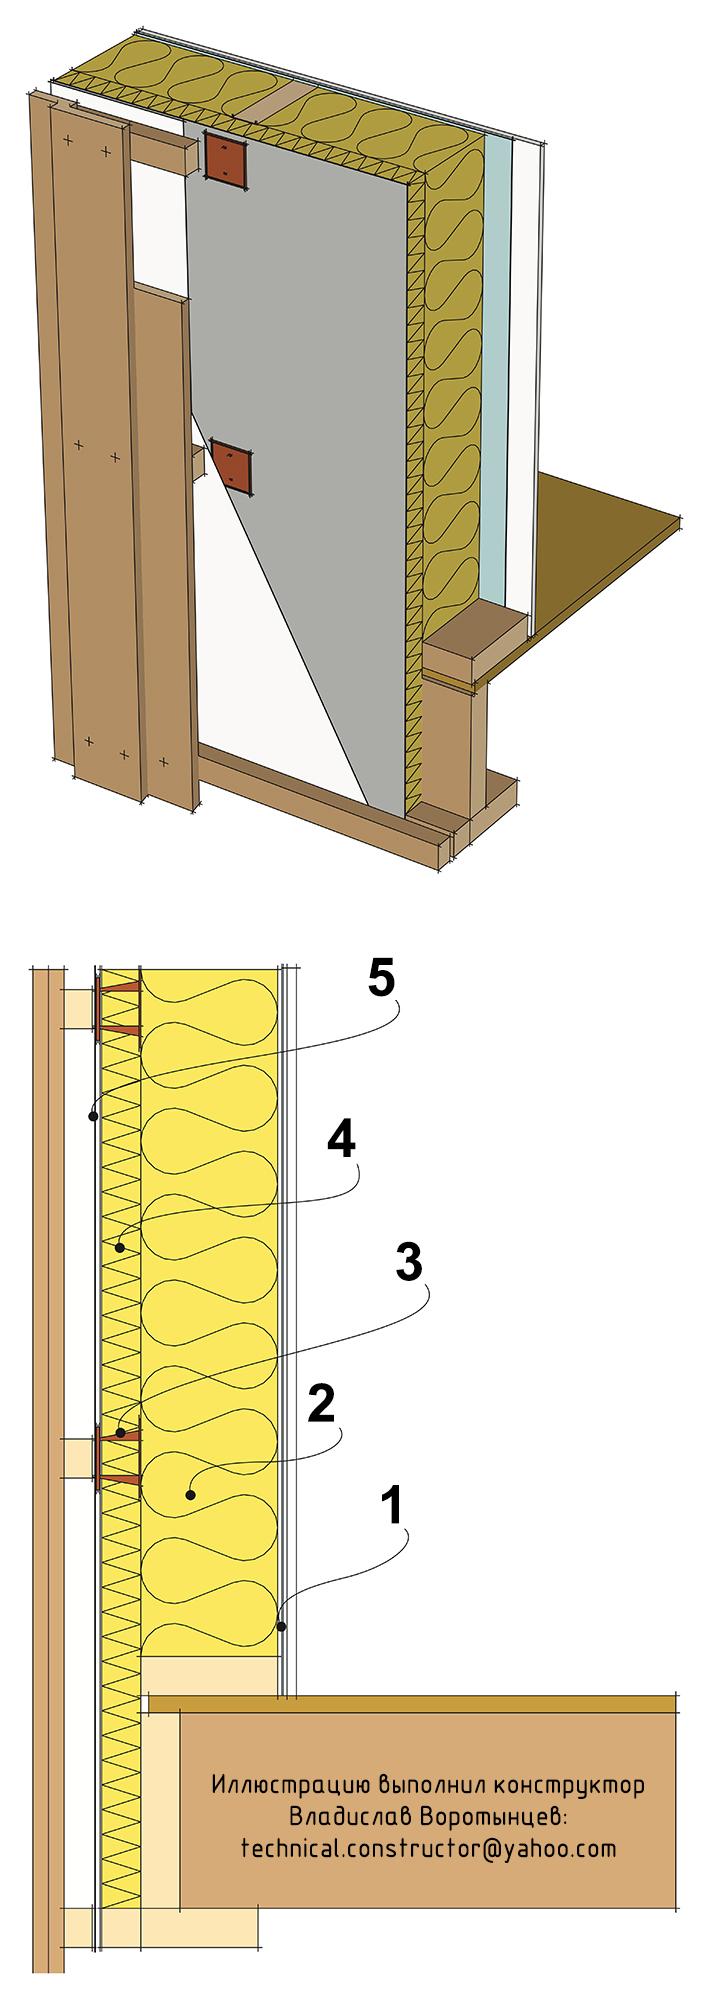 Рис. 9.67 Утеплённая наружная каркасная стена c дополнительным наружным утеплением из жёстких плит минеральной ваты